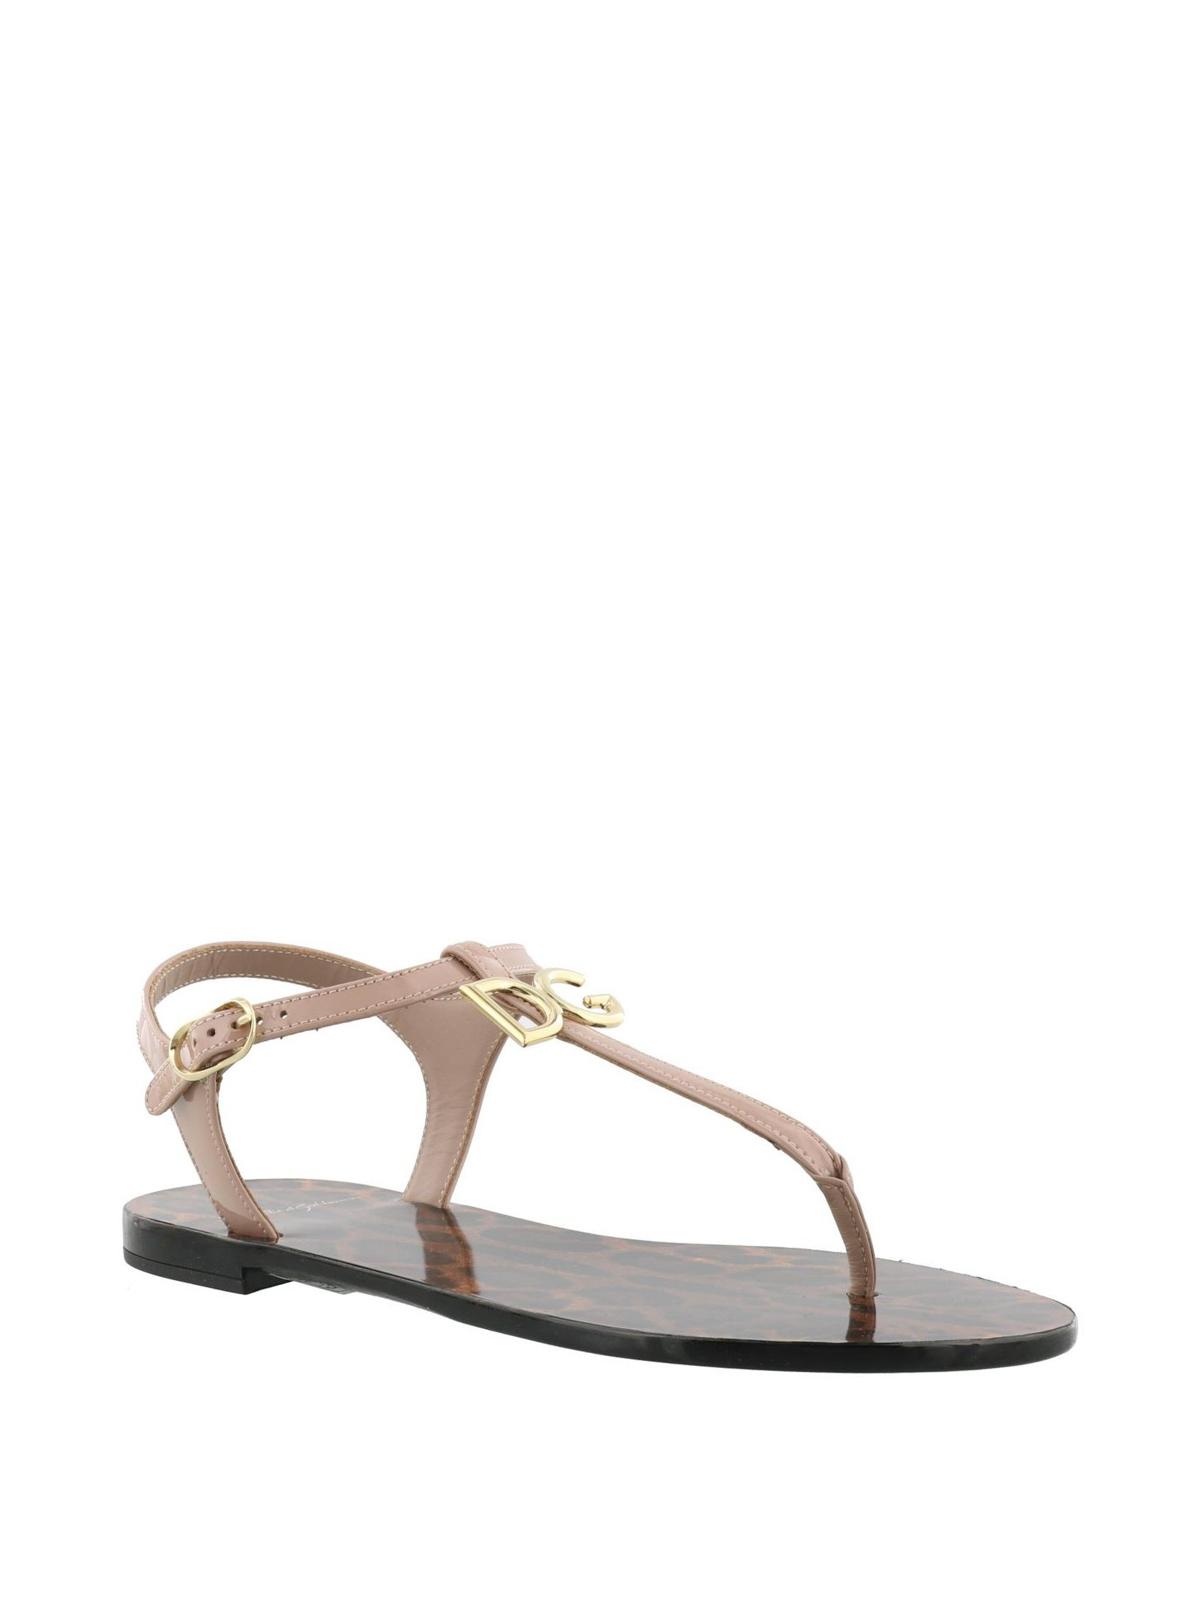 a855107d2652 DOLCE   GABBANA  sandals online - Pink patent logo thong sandals